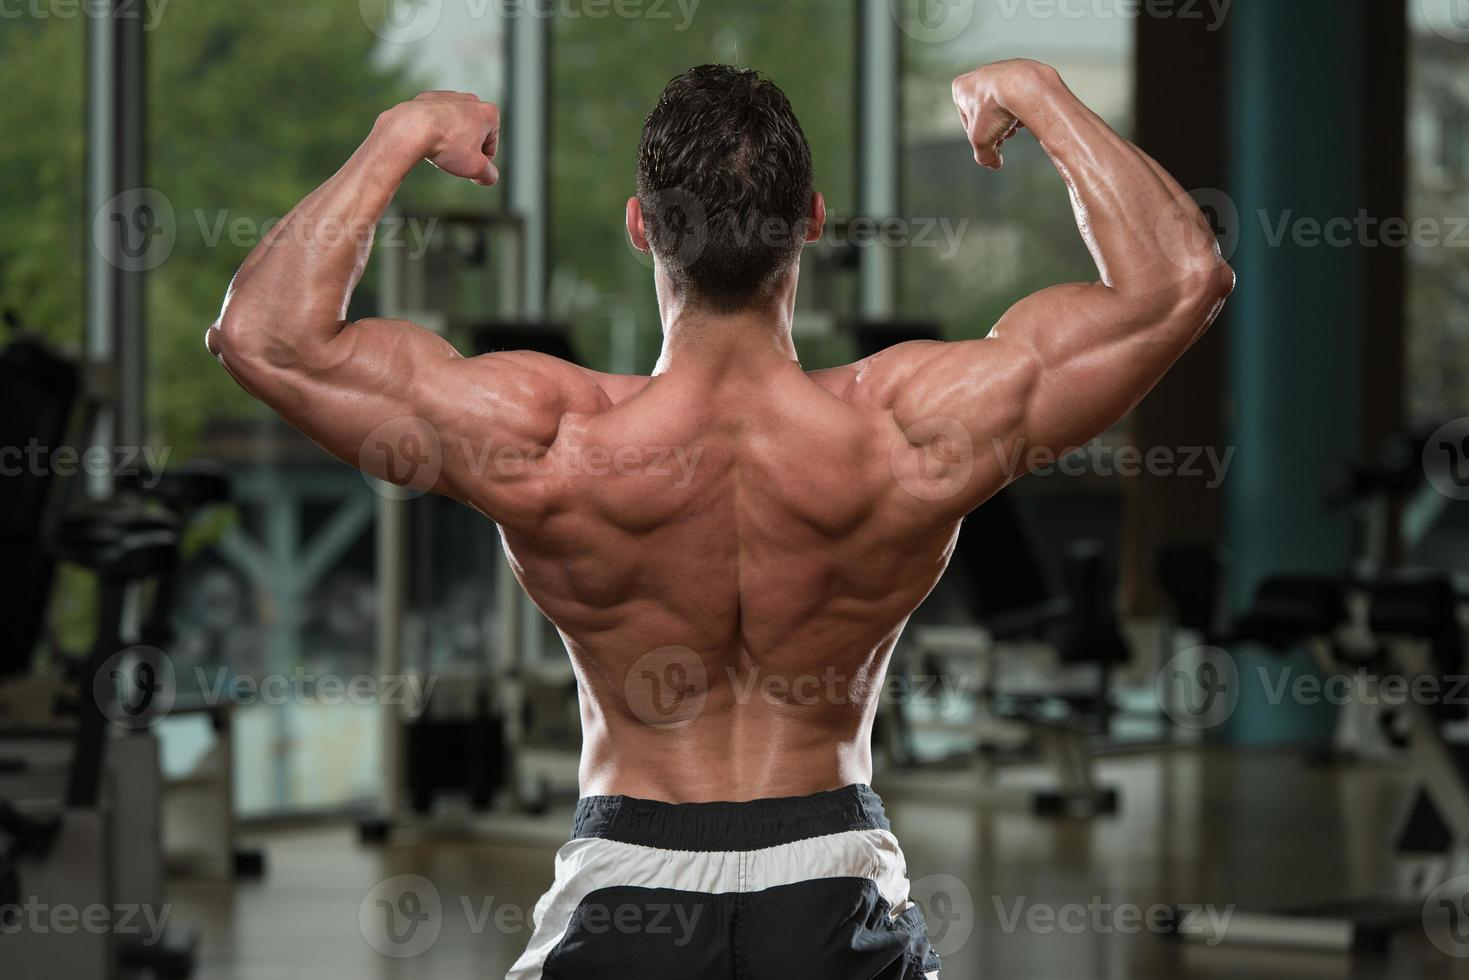 kroppsbyggare utför bakre dubbla biceps pose foto